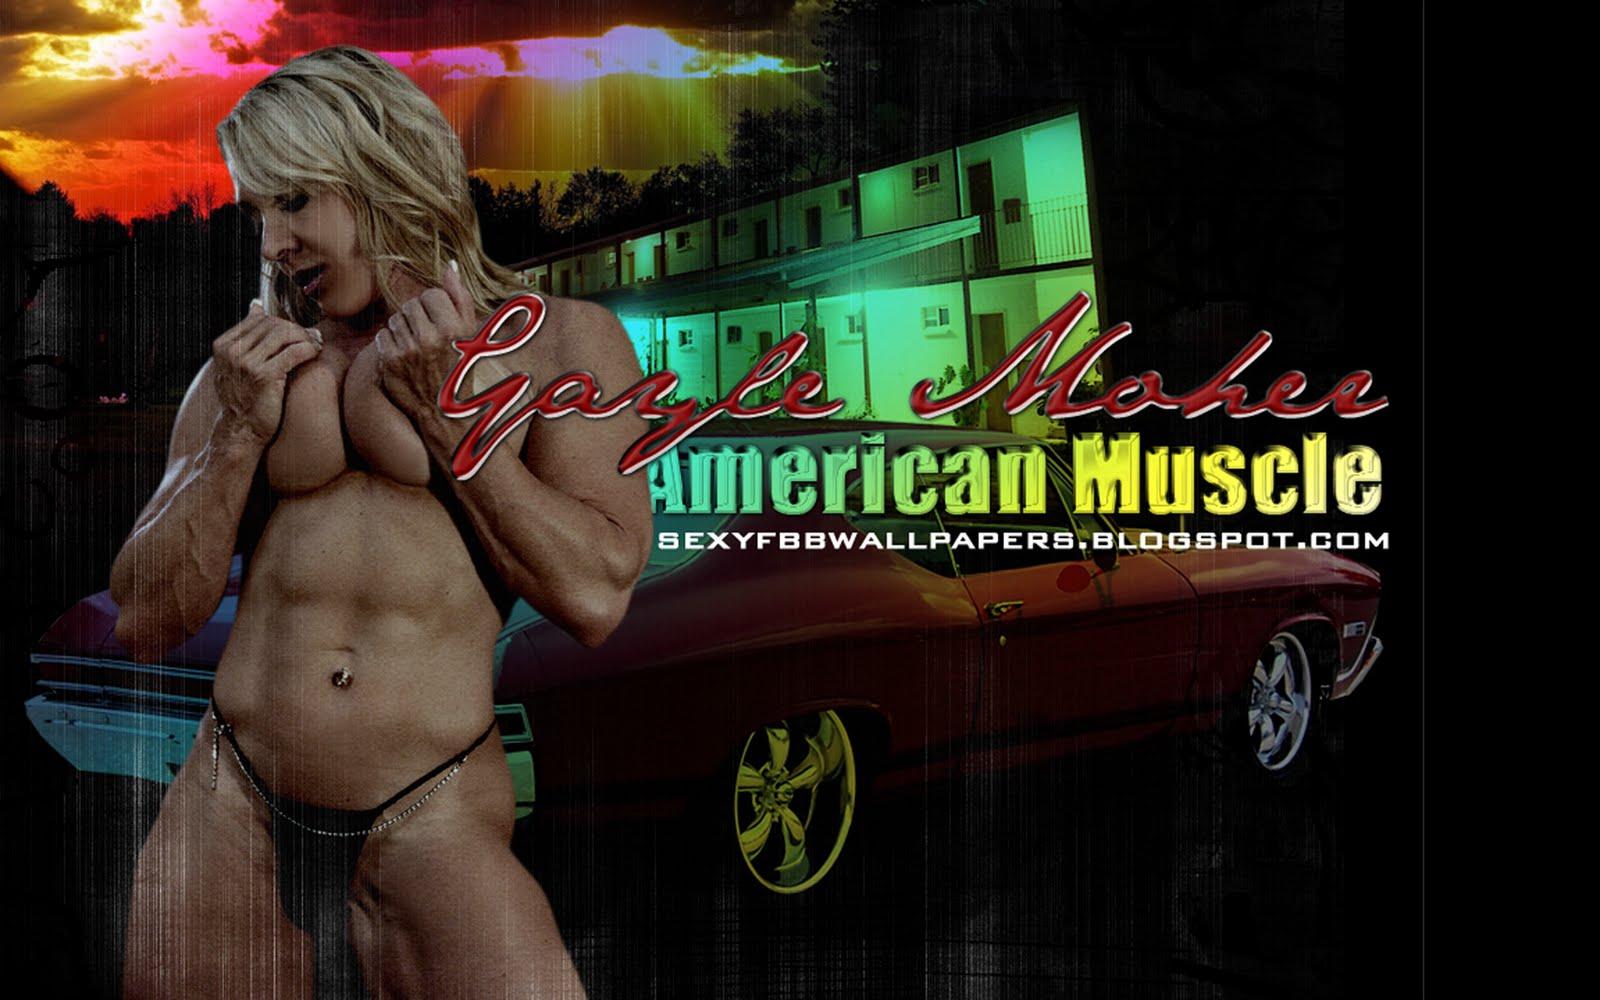 http://2.bp.blogspot.com/_s208318N2J4/SwY-VBBxH6I/AAAAAAAAAXY/dodWjW6oL4Y/s1600/gayle+Moher+1680+by+1050.jpg